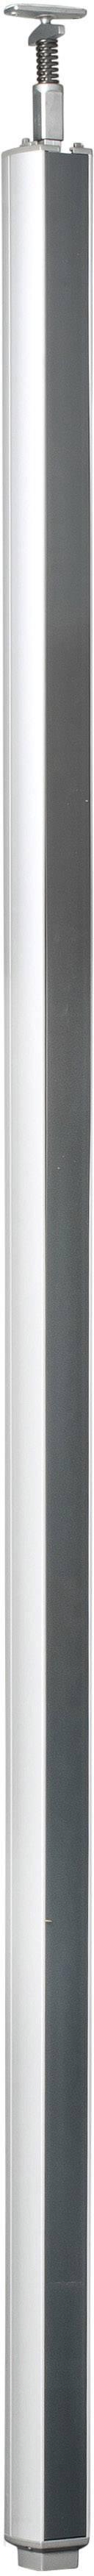 Systémový sloupec 89 mm INS41006 hliník